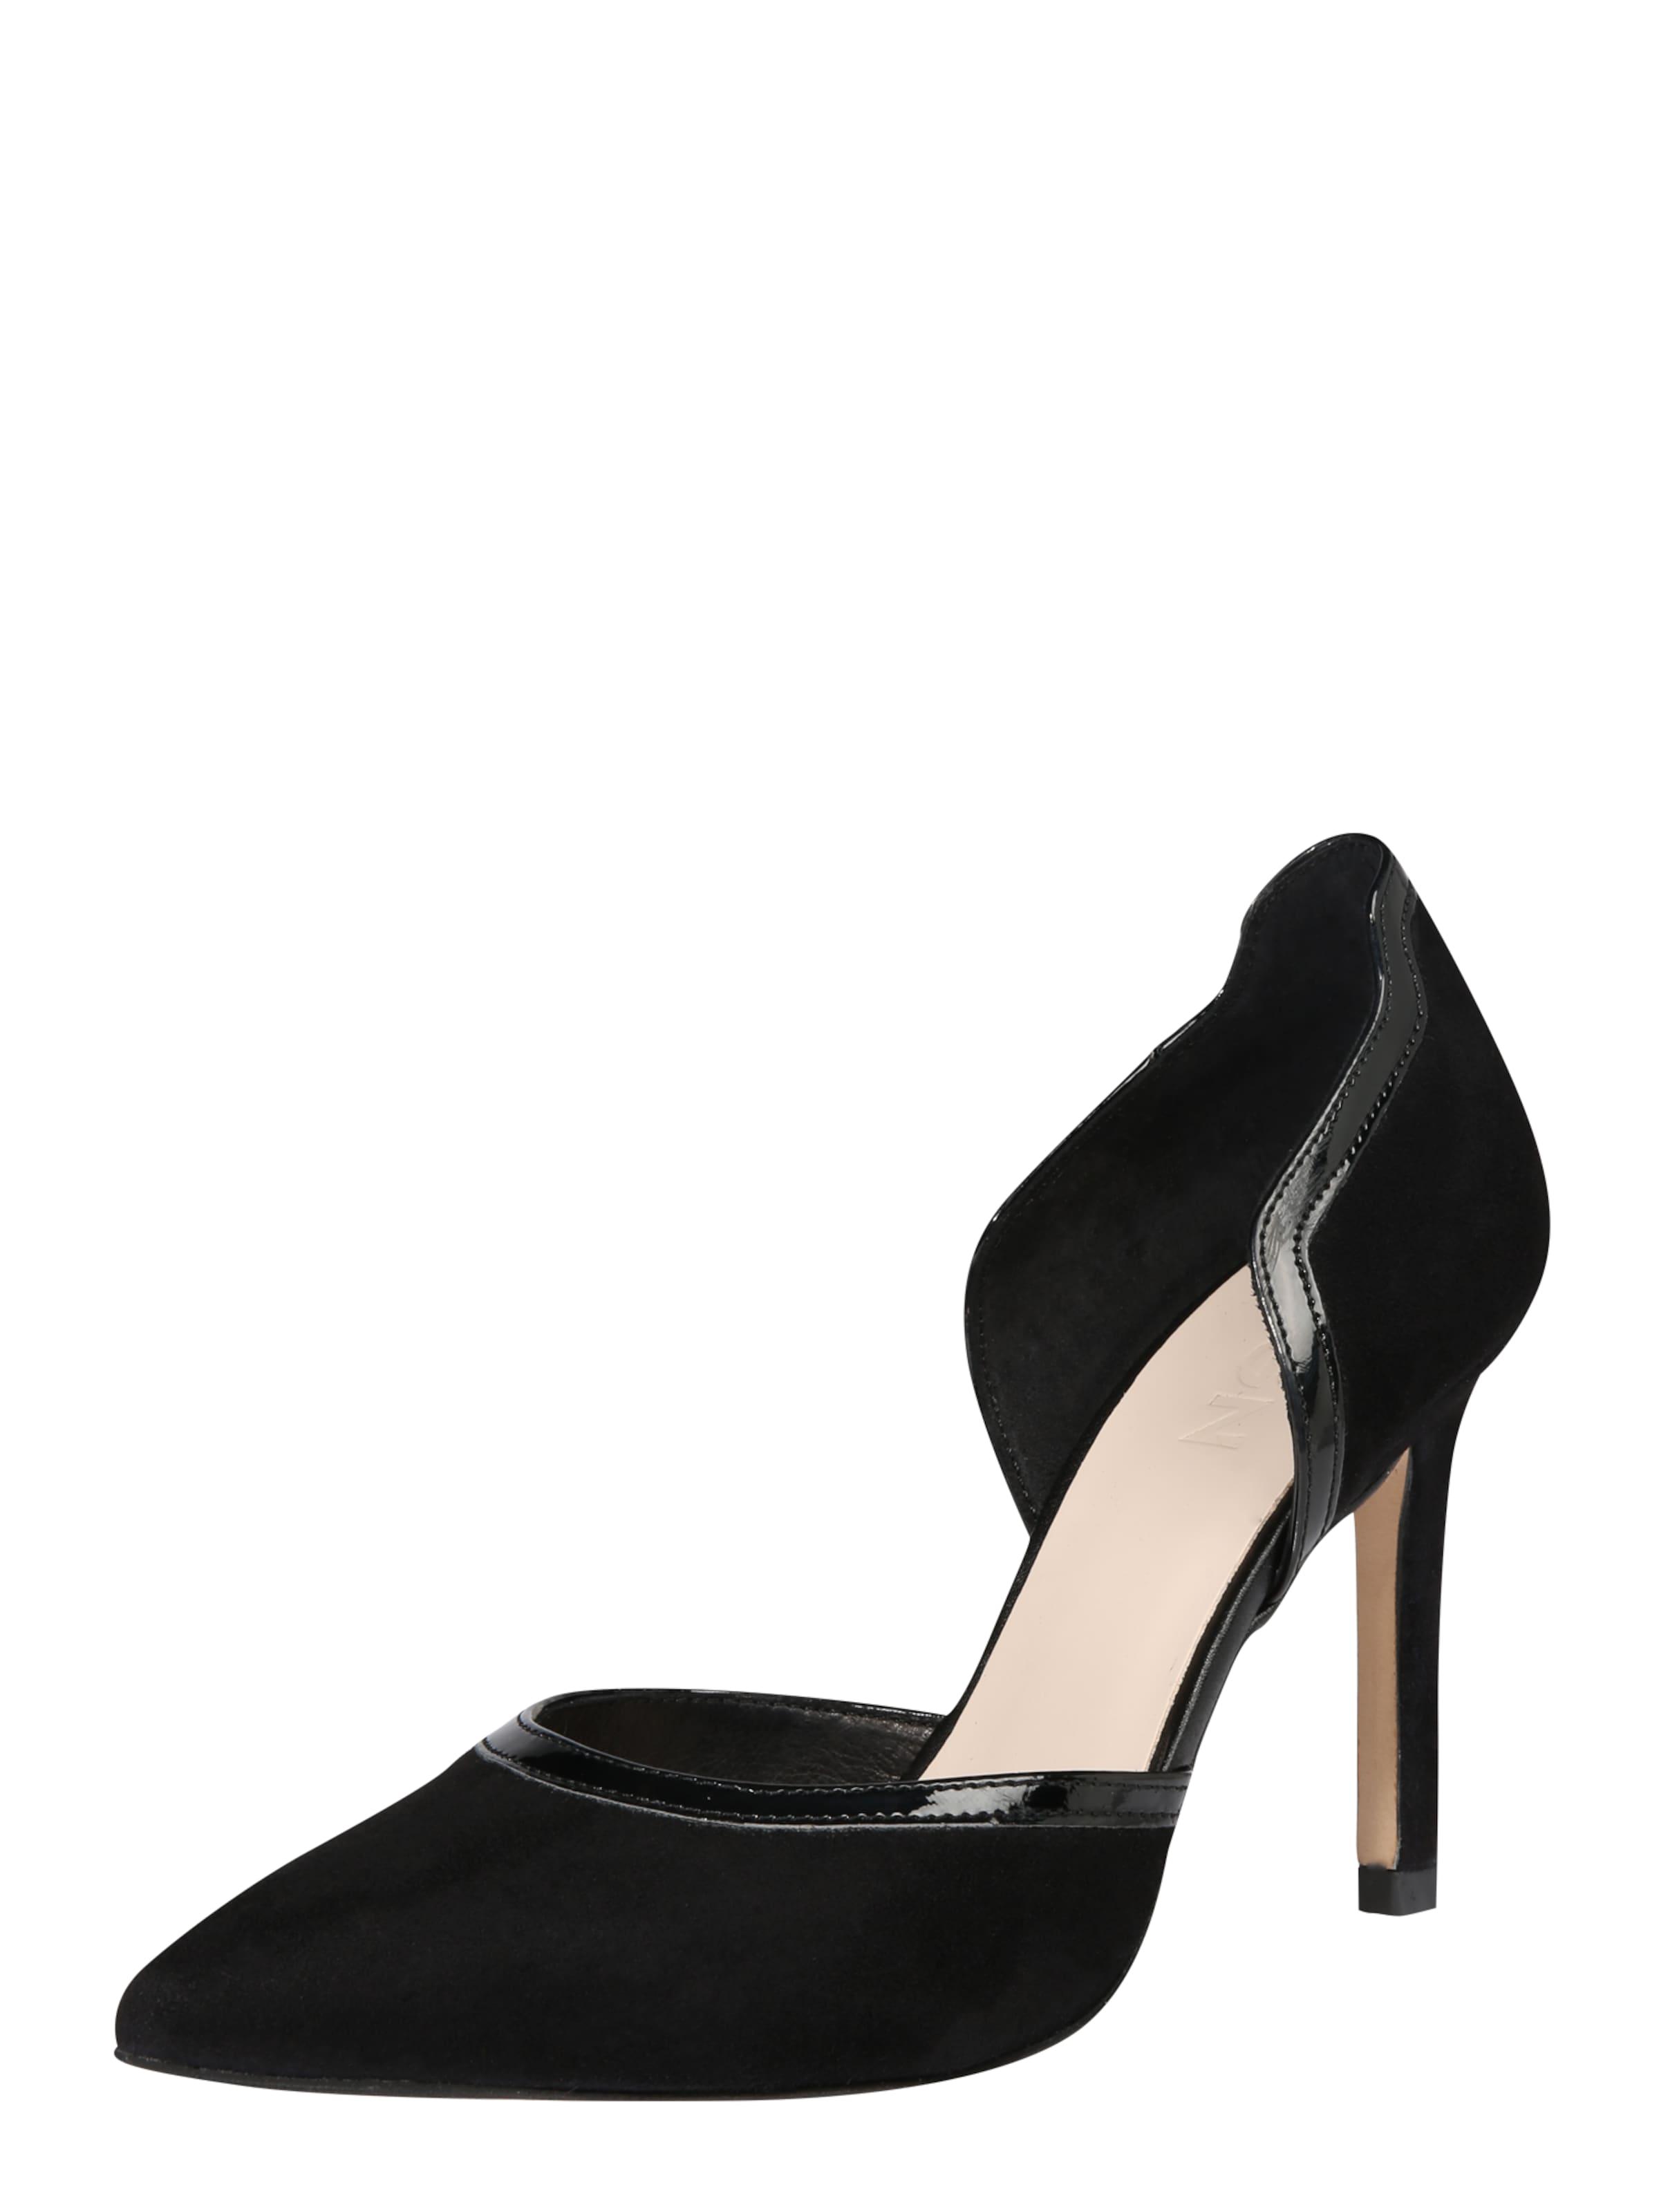 Haltbare Mode billige Schuhe Zign Gut | High Heel-Pumps Schuhe Gut Zign getragene Schuhe 947373